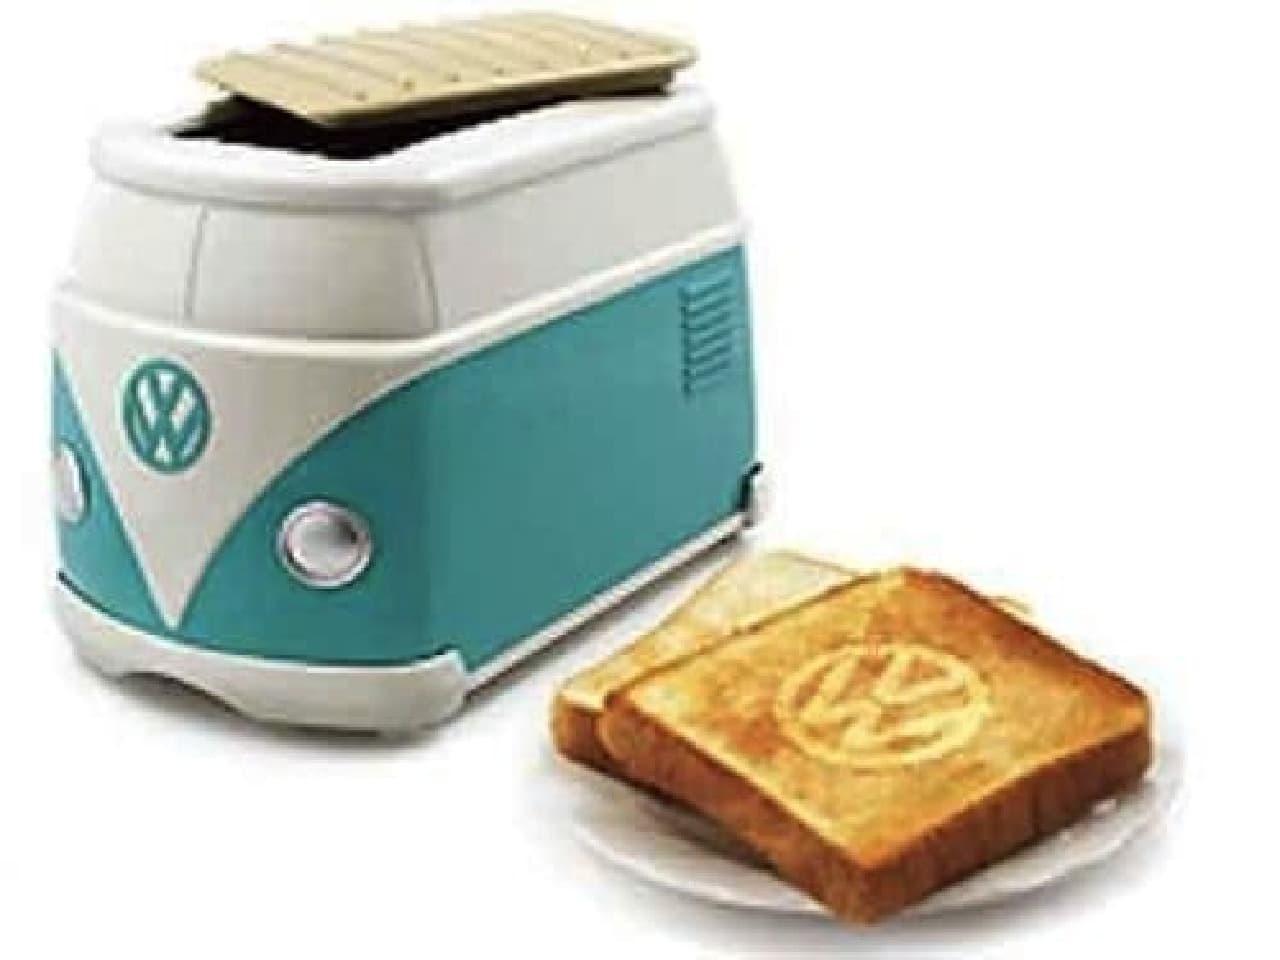 日本のフォルクスワーゲンディーラーが配布していたワーゲンバストースター  欲しい!